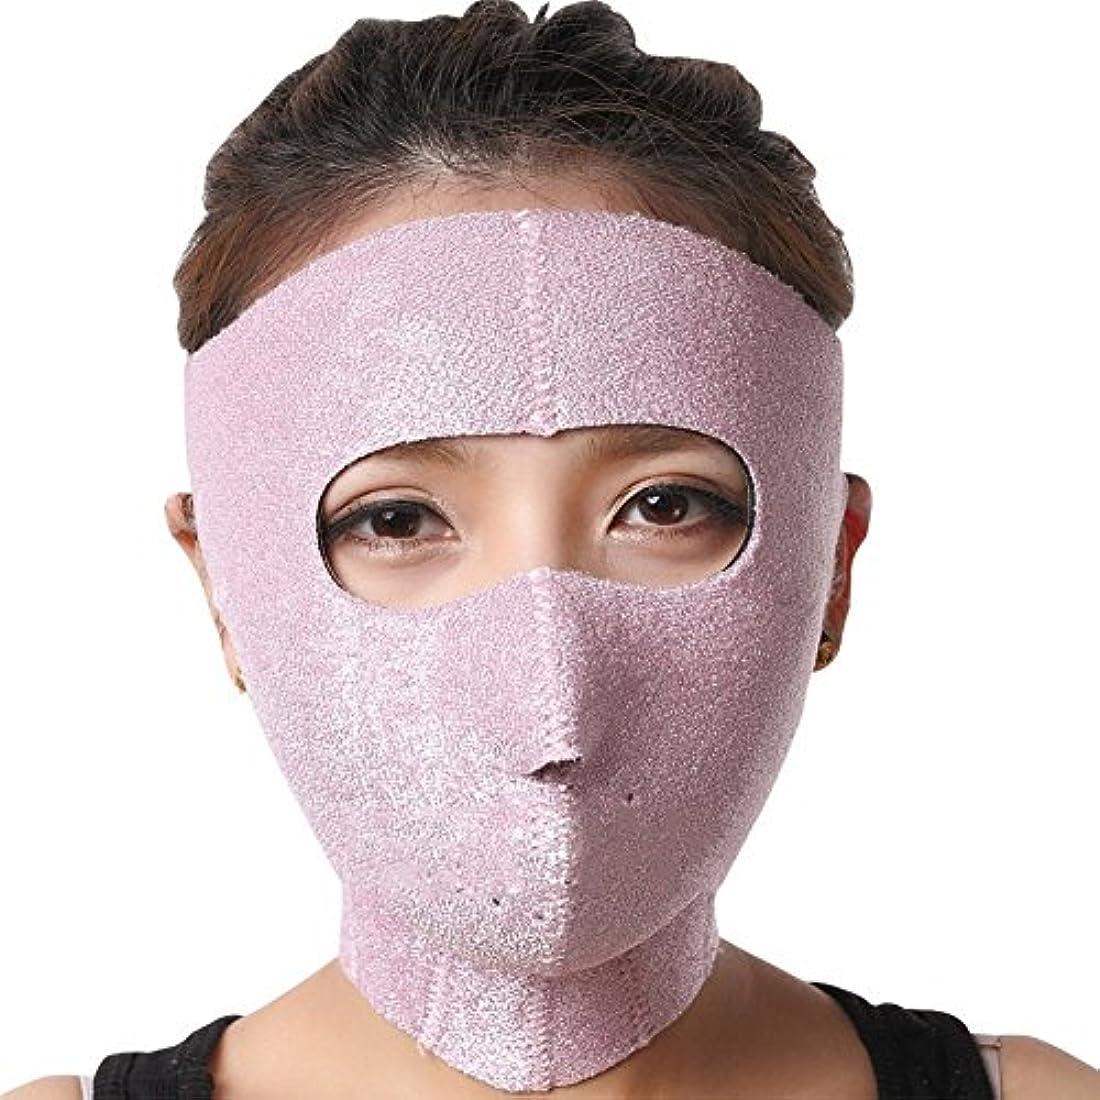 汗だくマスク 小顔 サウナ マスク 汗 発汗 フェイス 顔 TEC-KONARUD